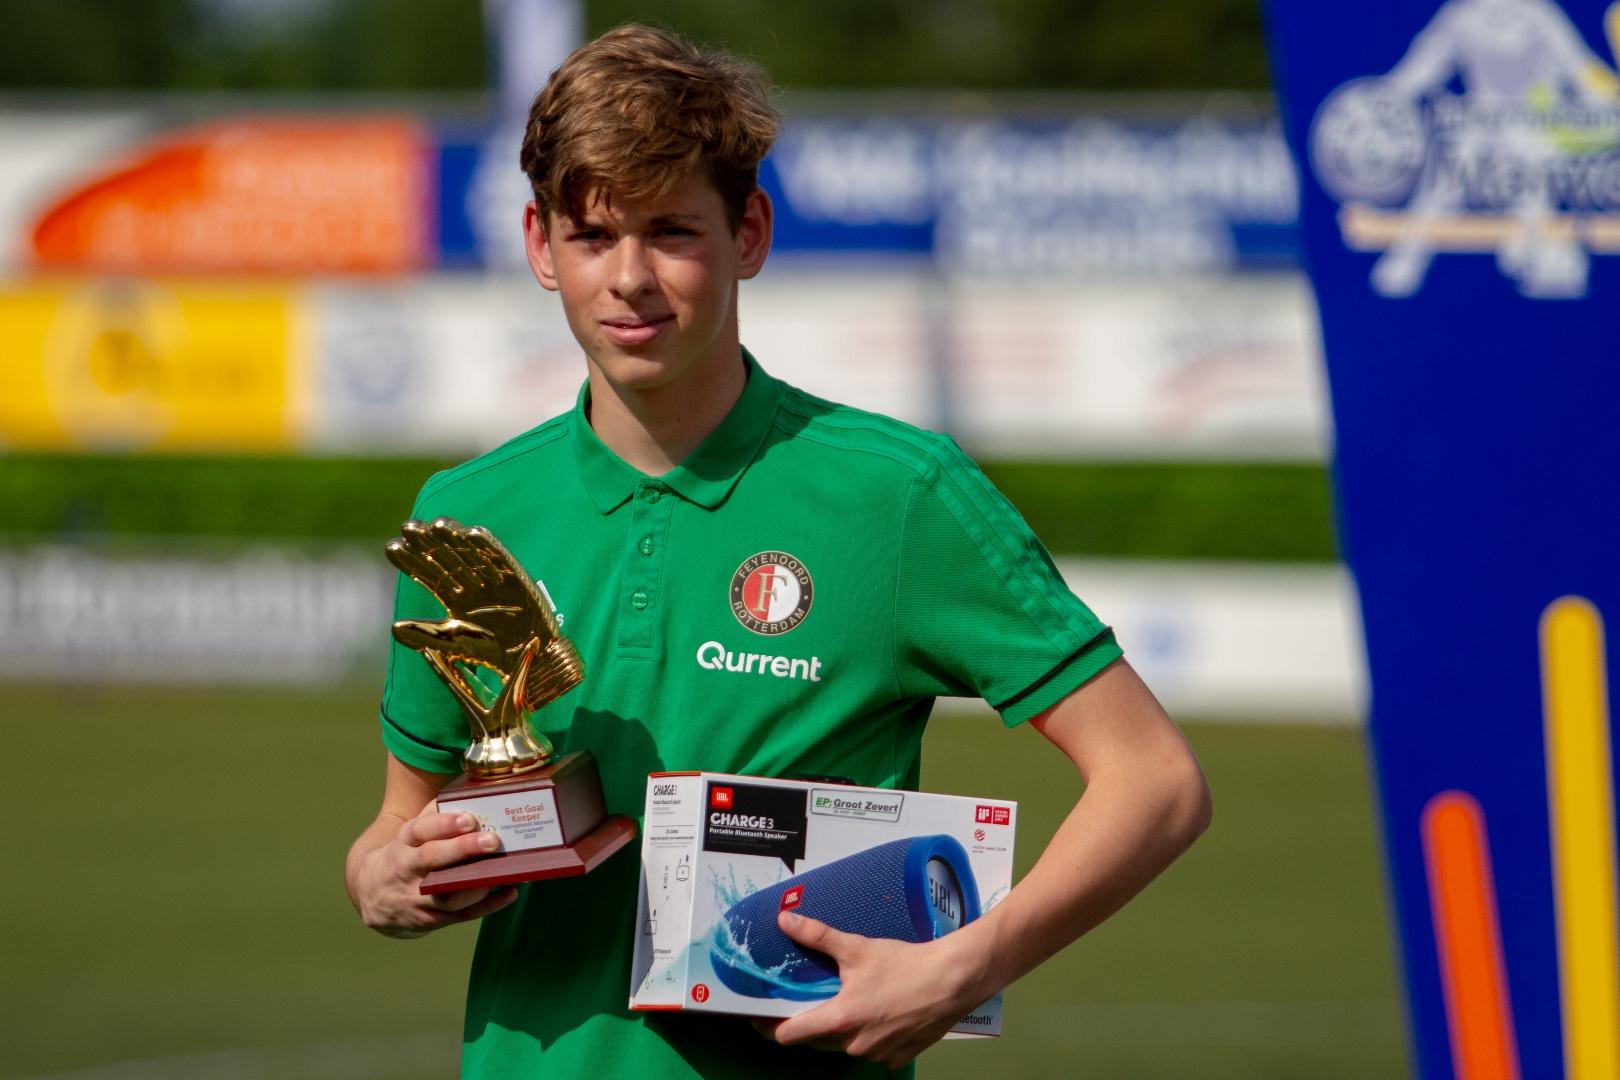 Marveld Tournament 2018 - Best Goalkeeper Devin Remie of Feyenoord